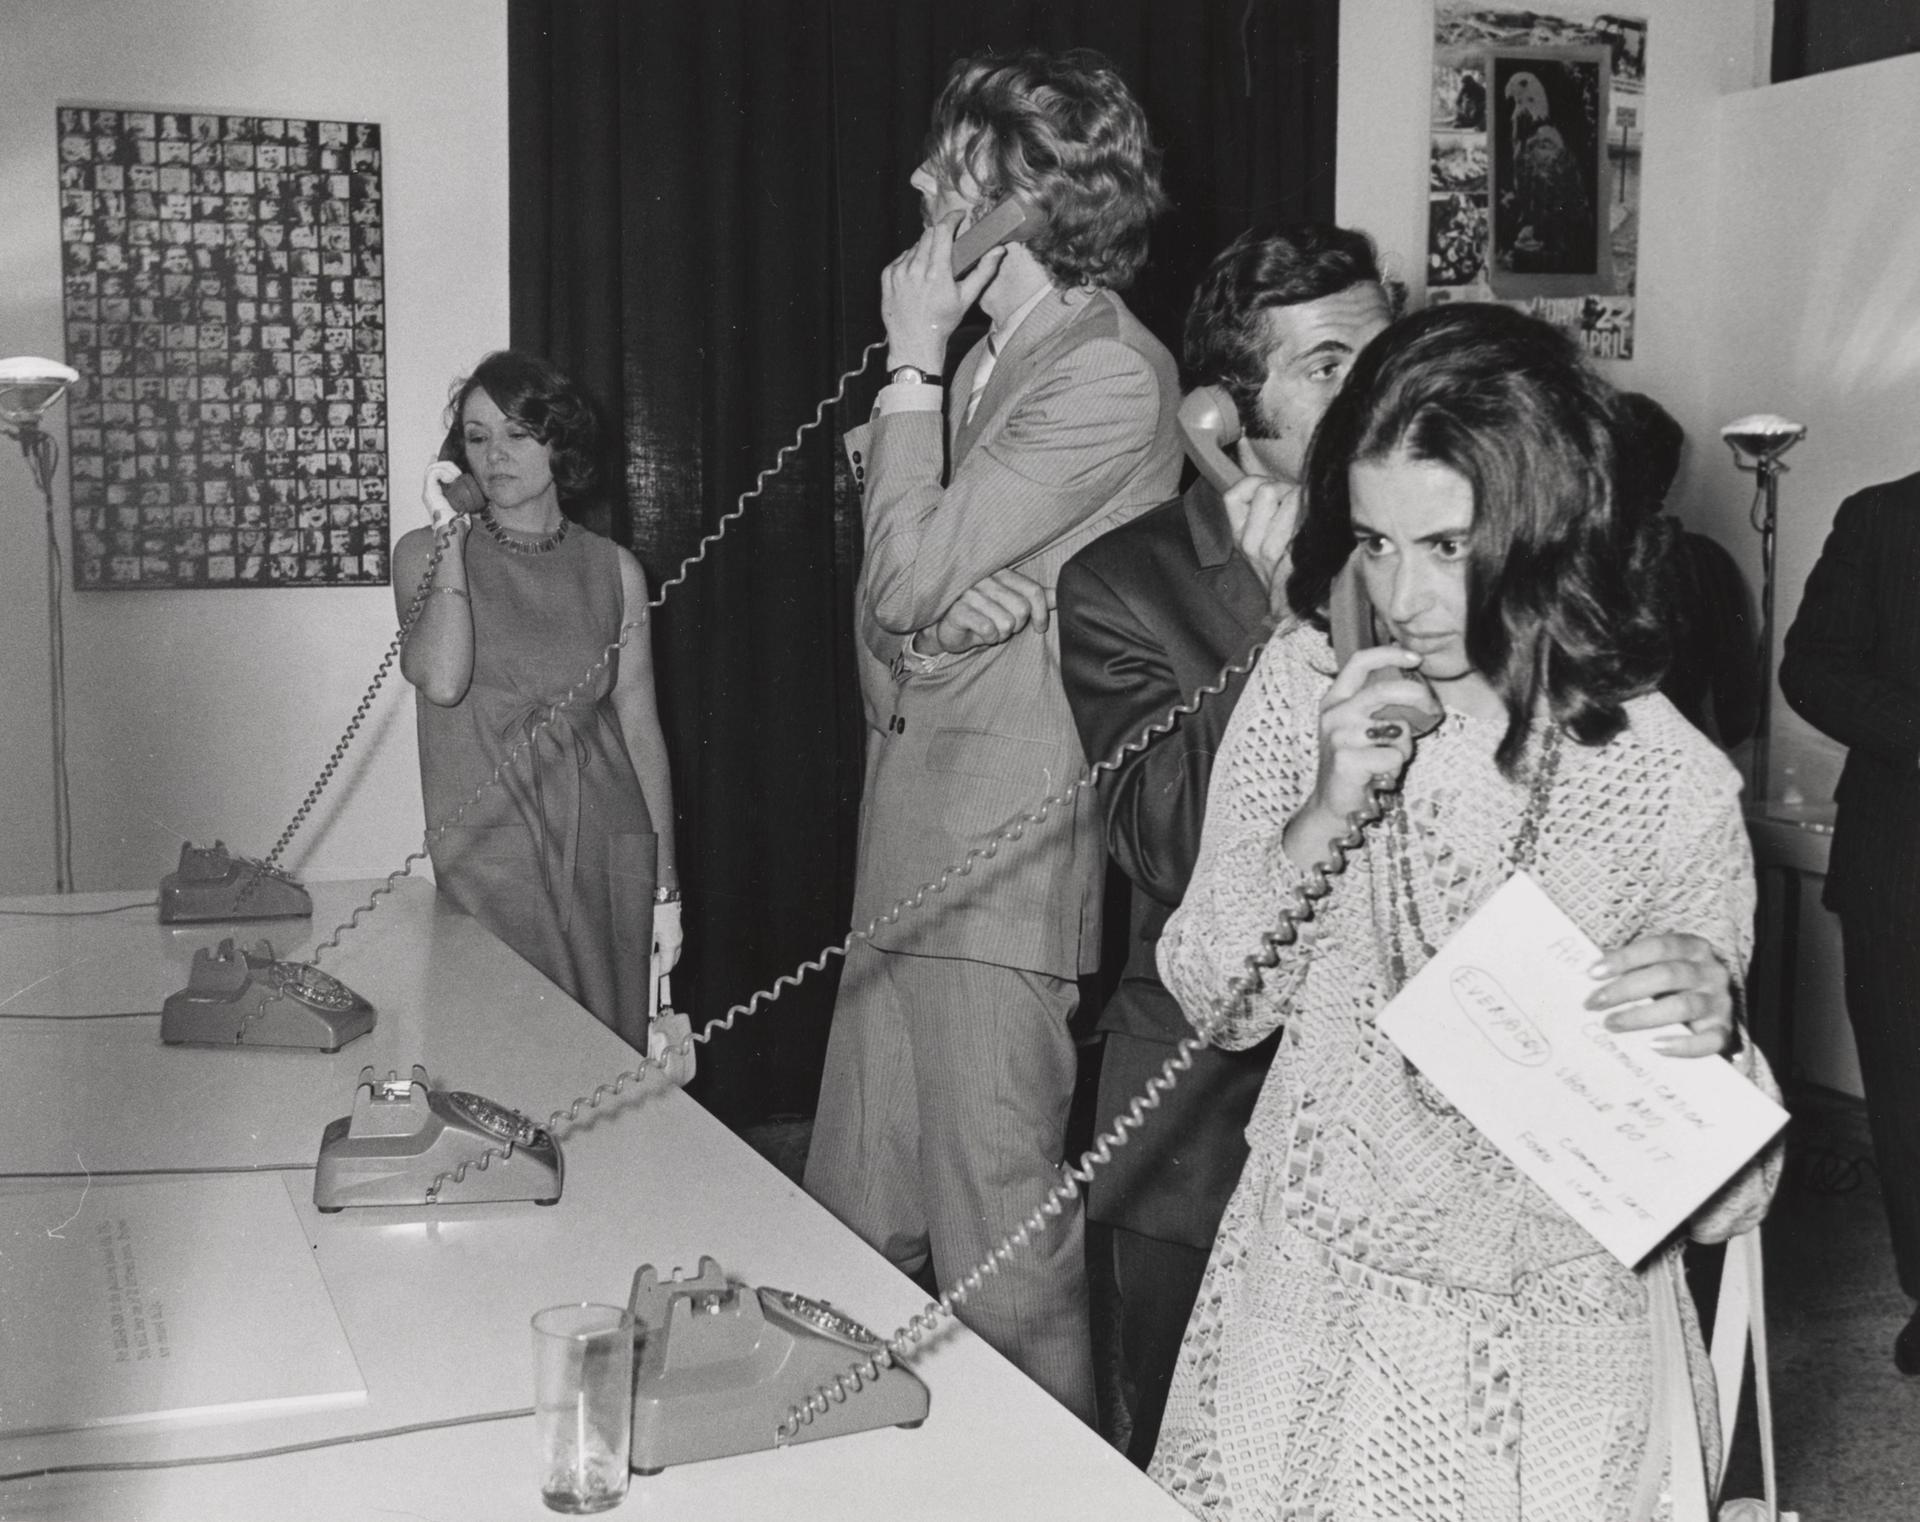 John Giorno's Dial-A-Poem (around 1970). Photo: Unknown. Courtesy of the John Giorno Foundation, New York, NY